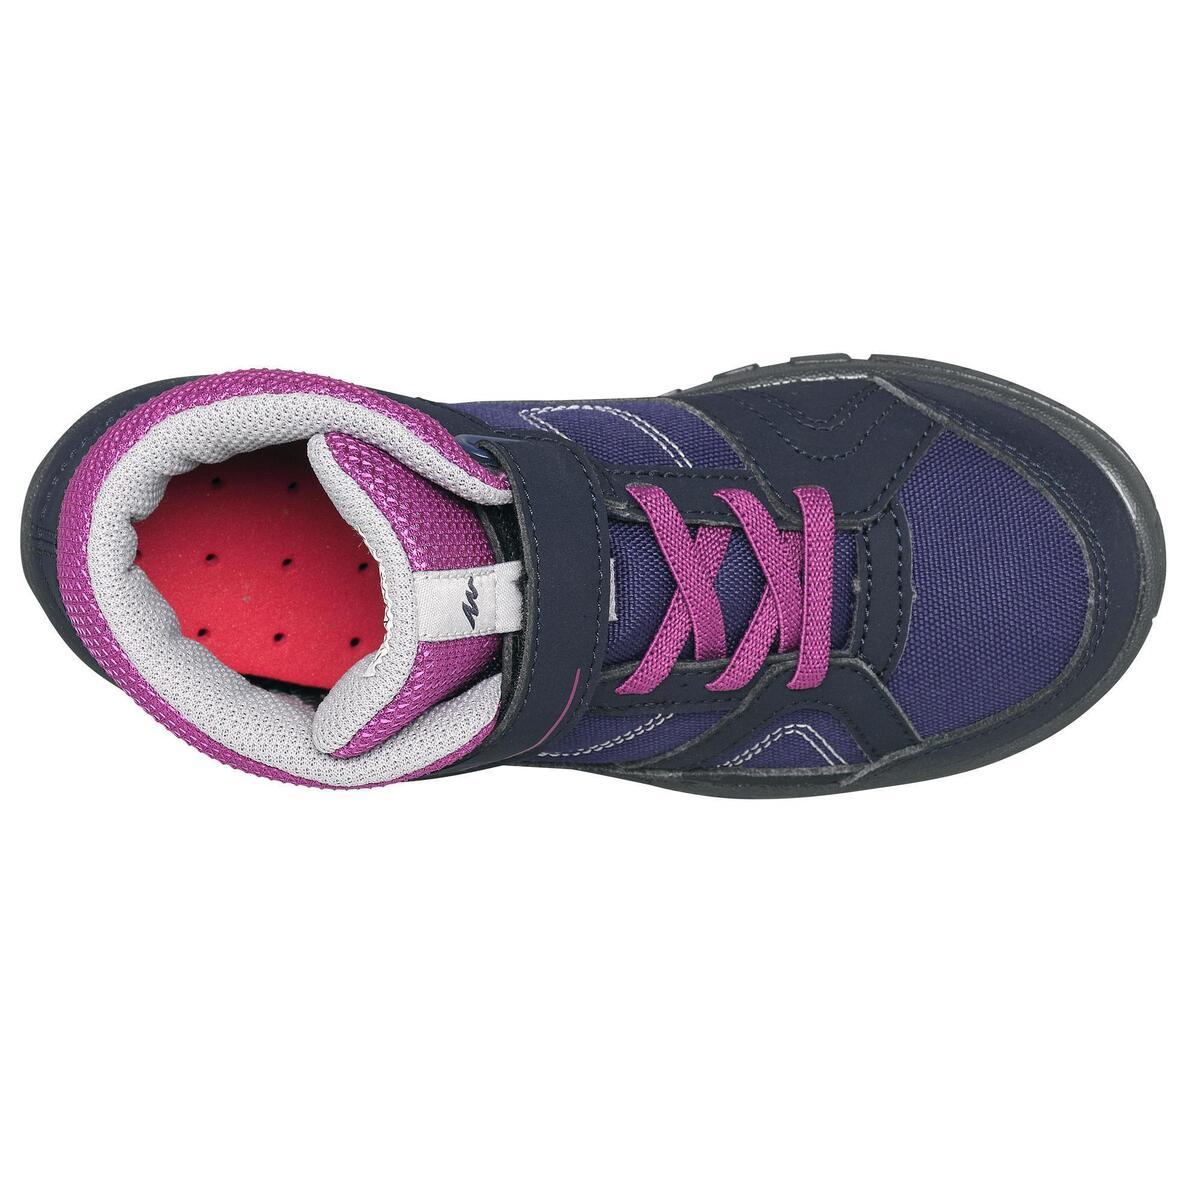 Bild 4 von Wanderschuhe MH100 halbhoch Kinder Mädchen Gr. 24-34 violett